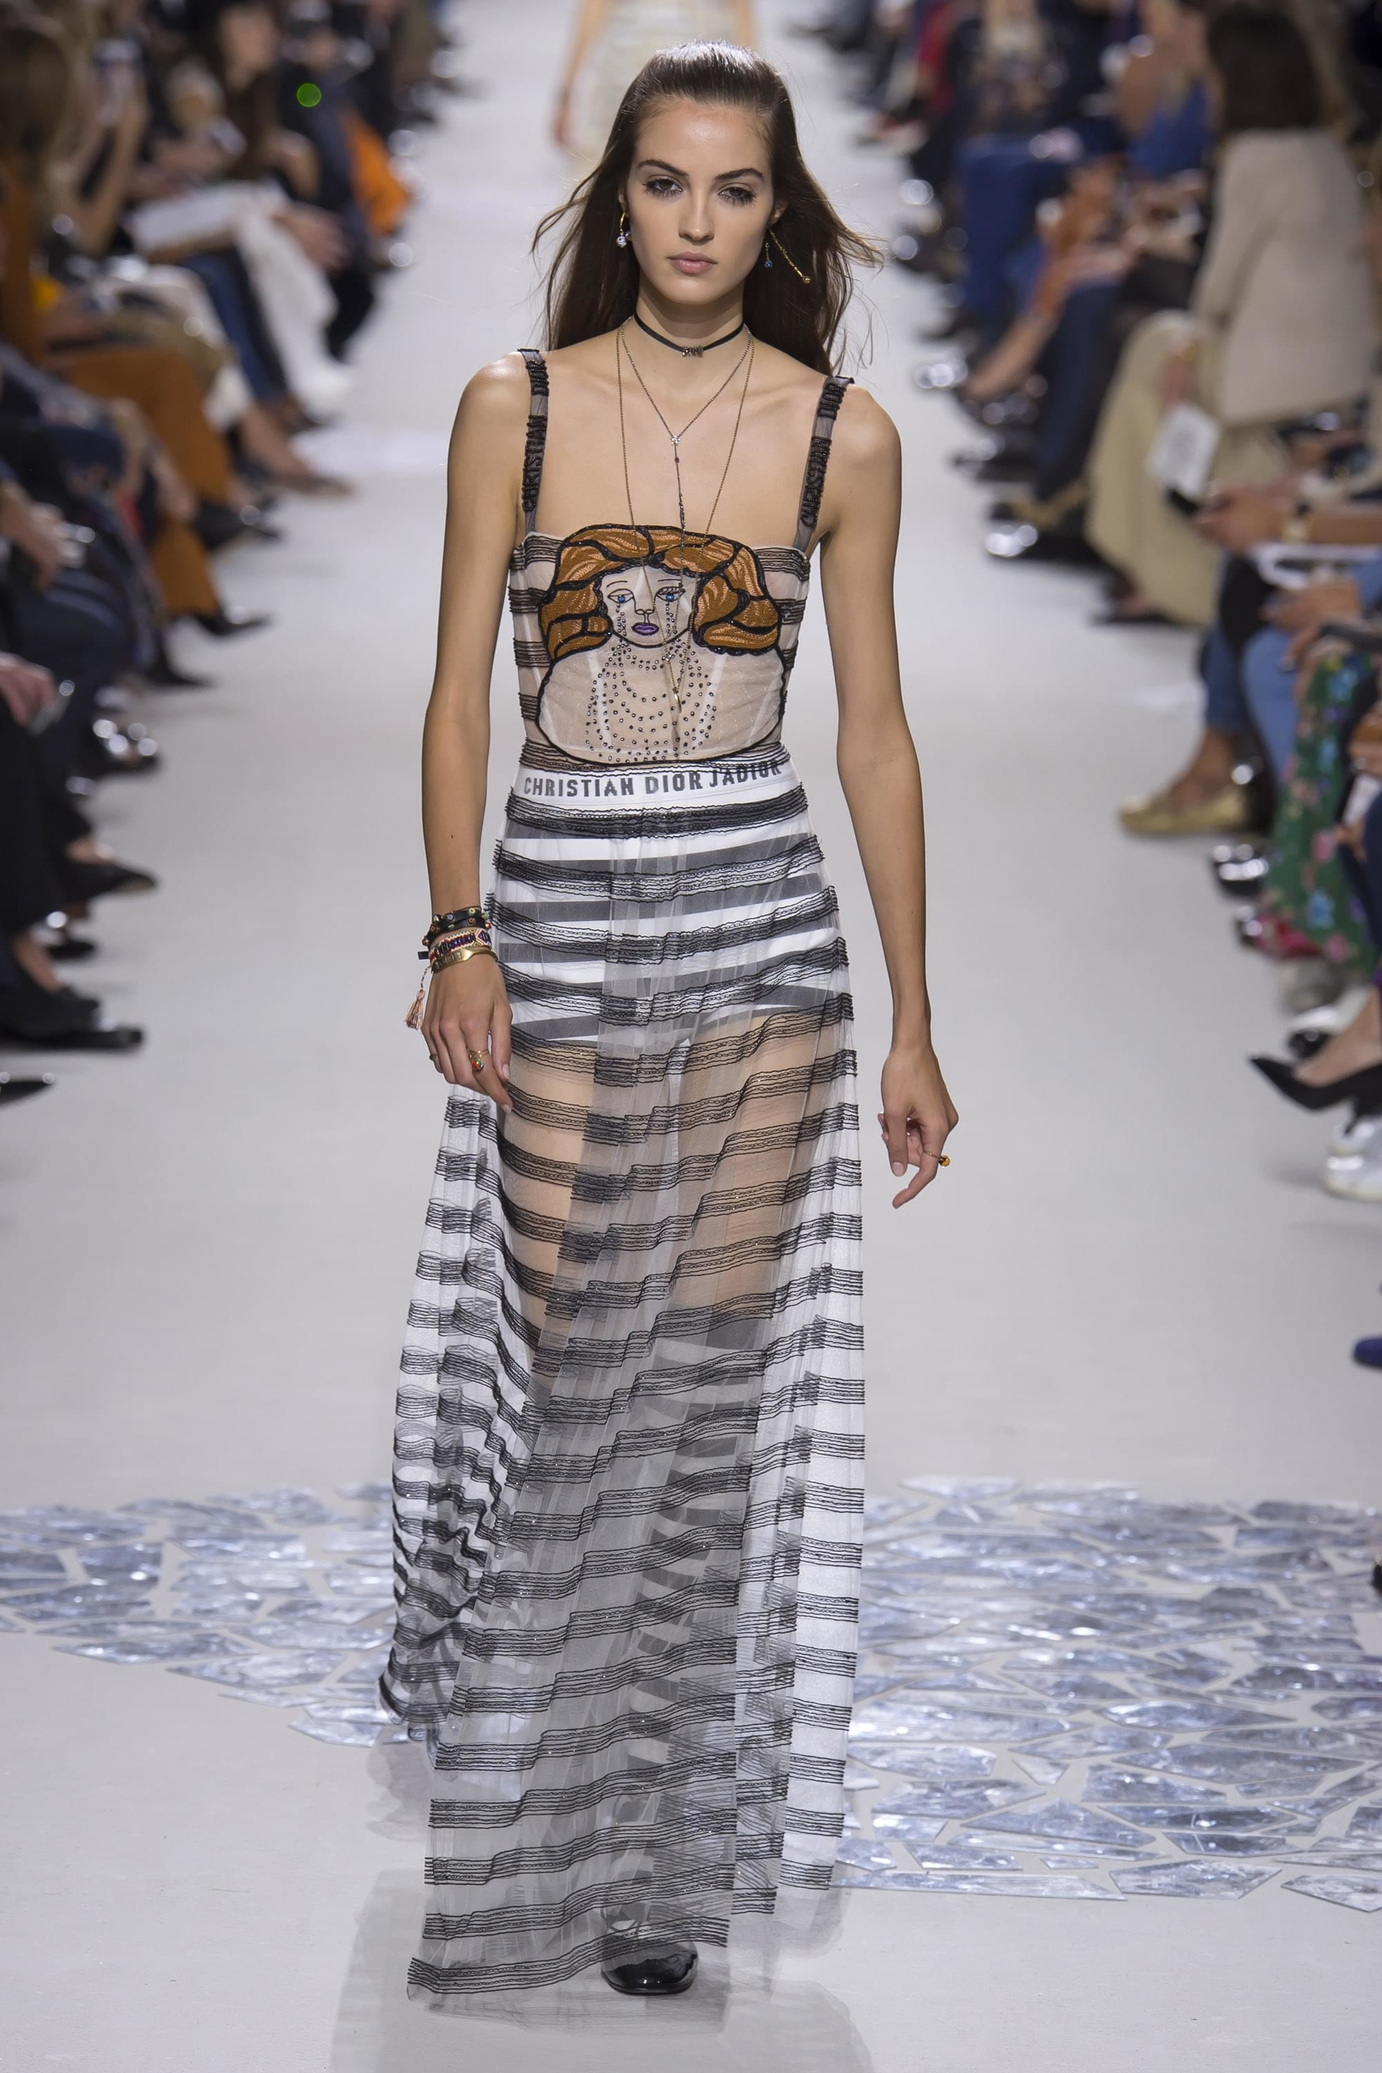 Christian Dior весна лето 2018 платье с рисунком